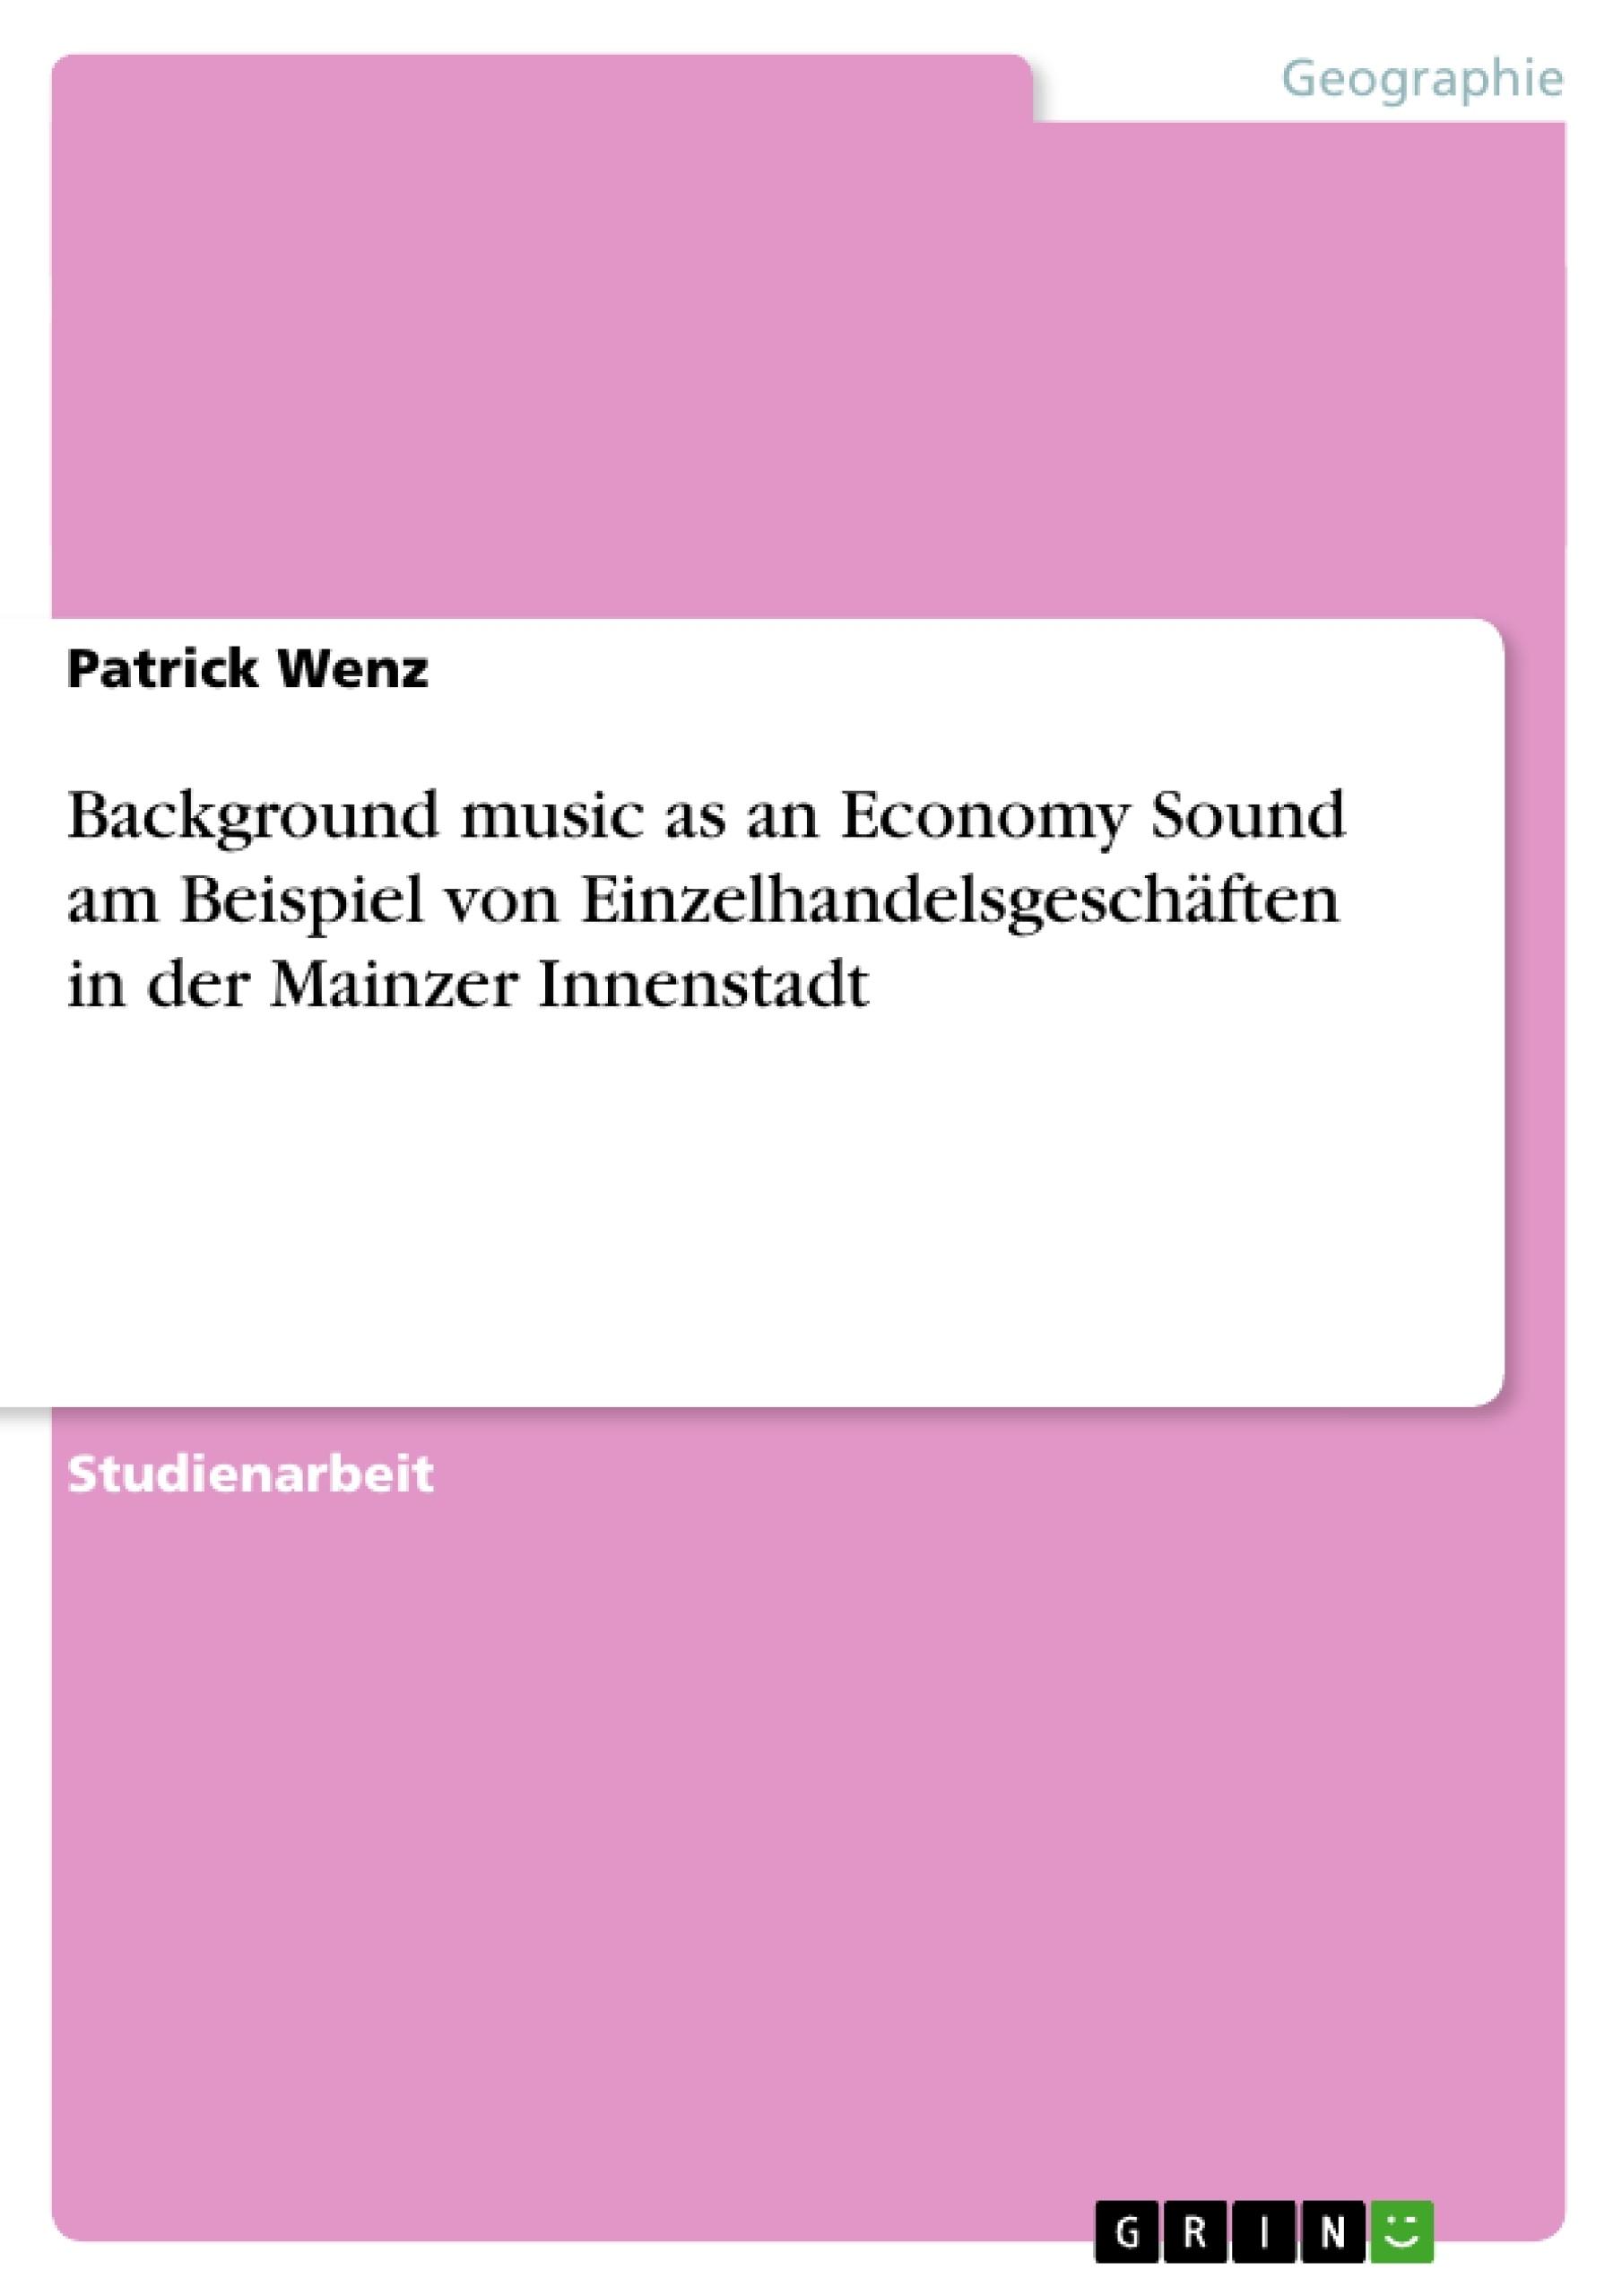 Titel: Background music as an Economy Sound am Beispiel von Einzelhandelsgeschäften in der Mainzer Innenstadt